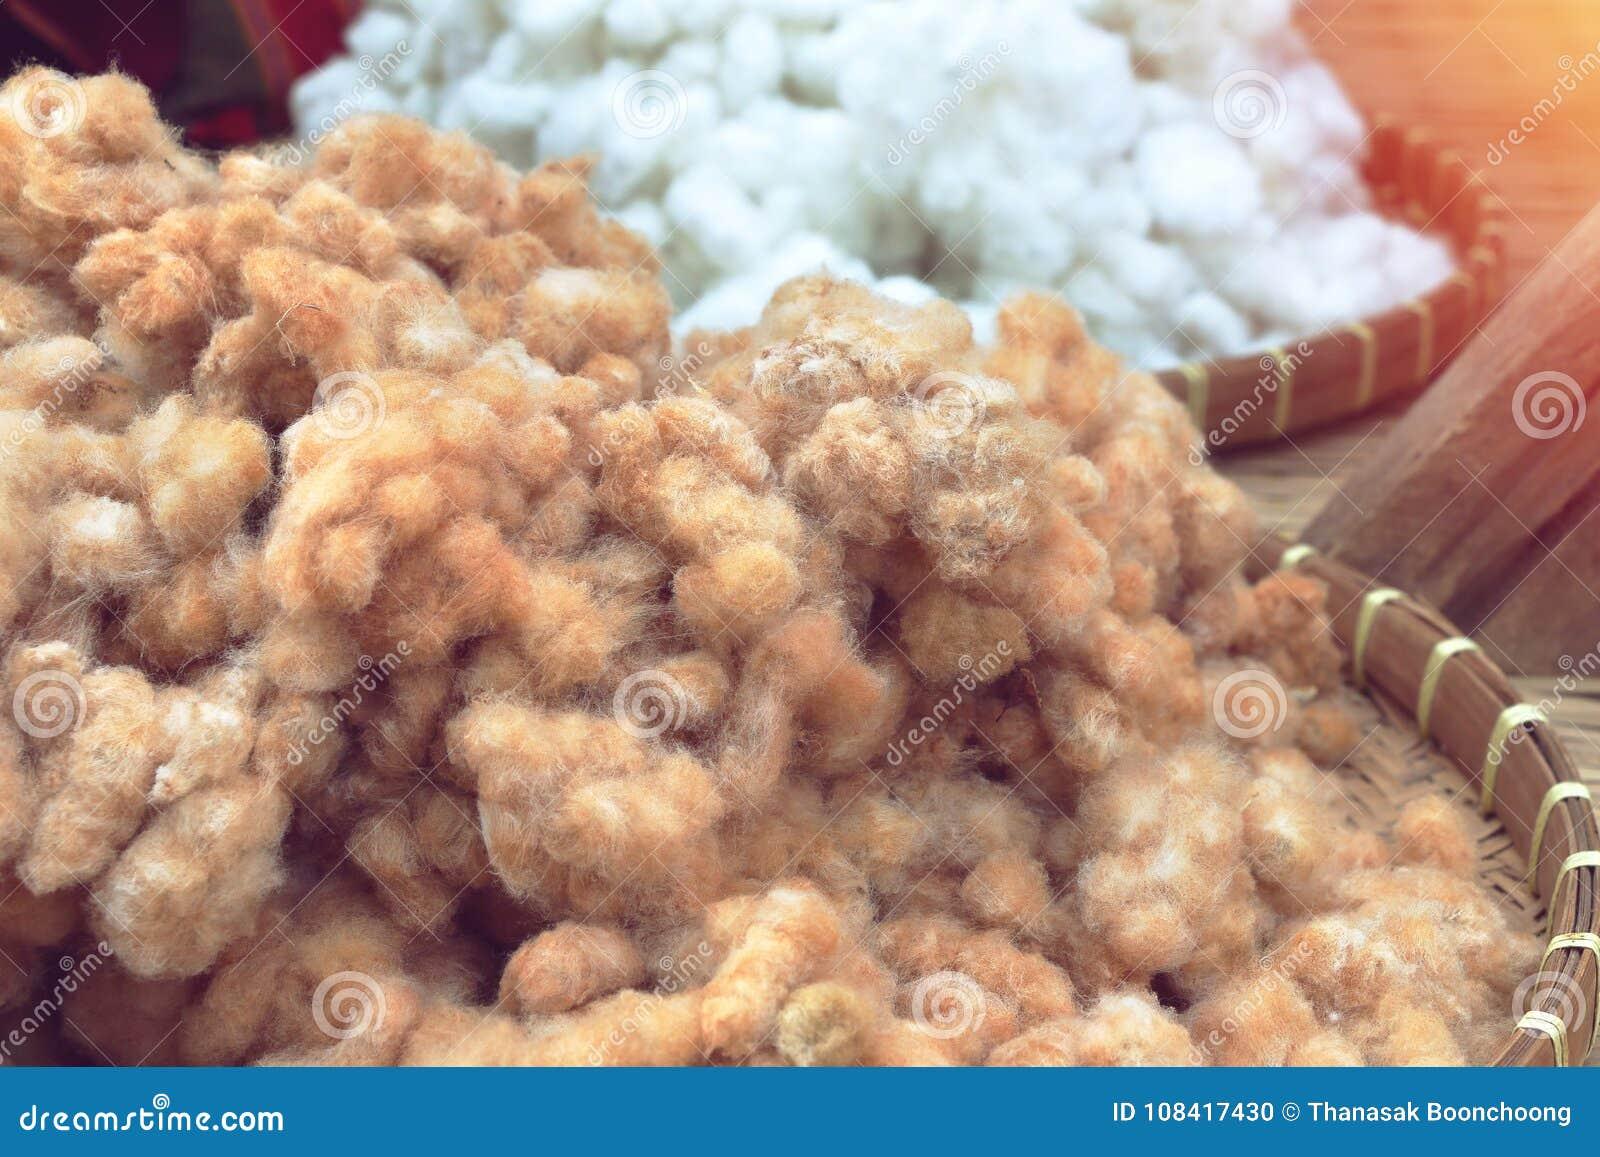 Coton dans le panier utilisé comme fibre textile